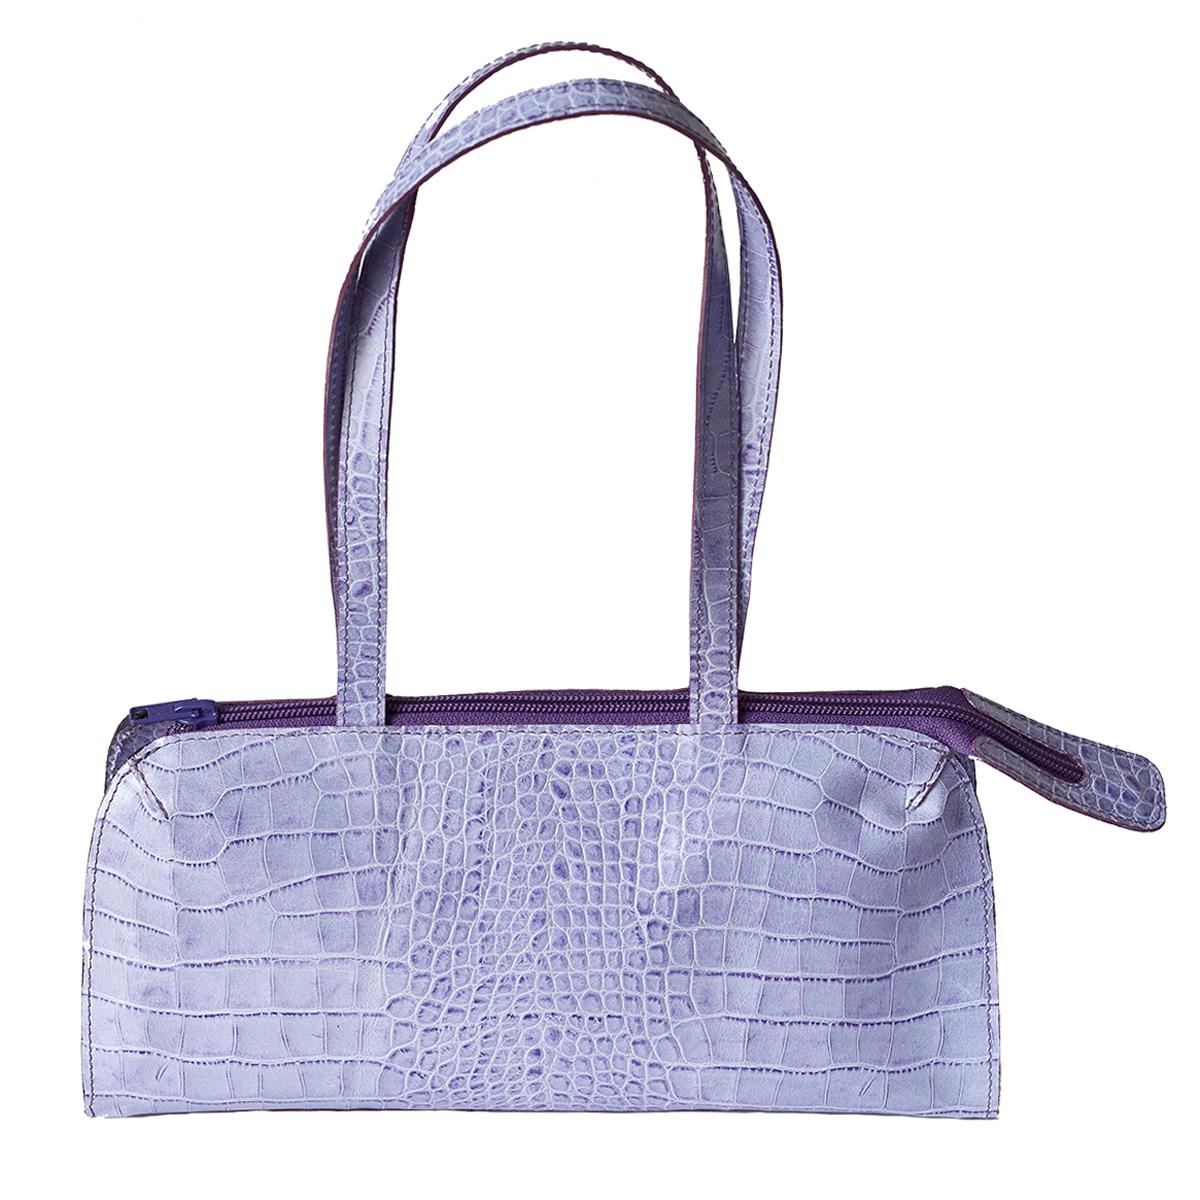 Petit sac lilas en cuir façon croco